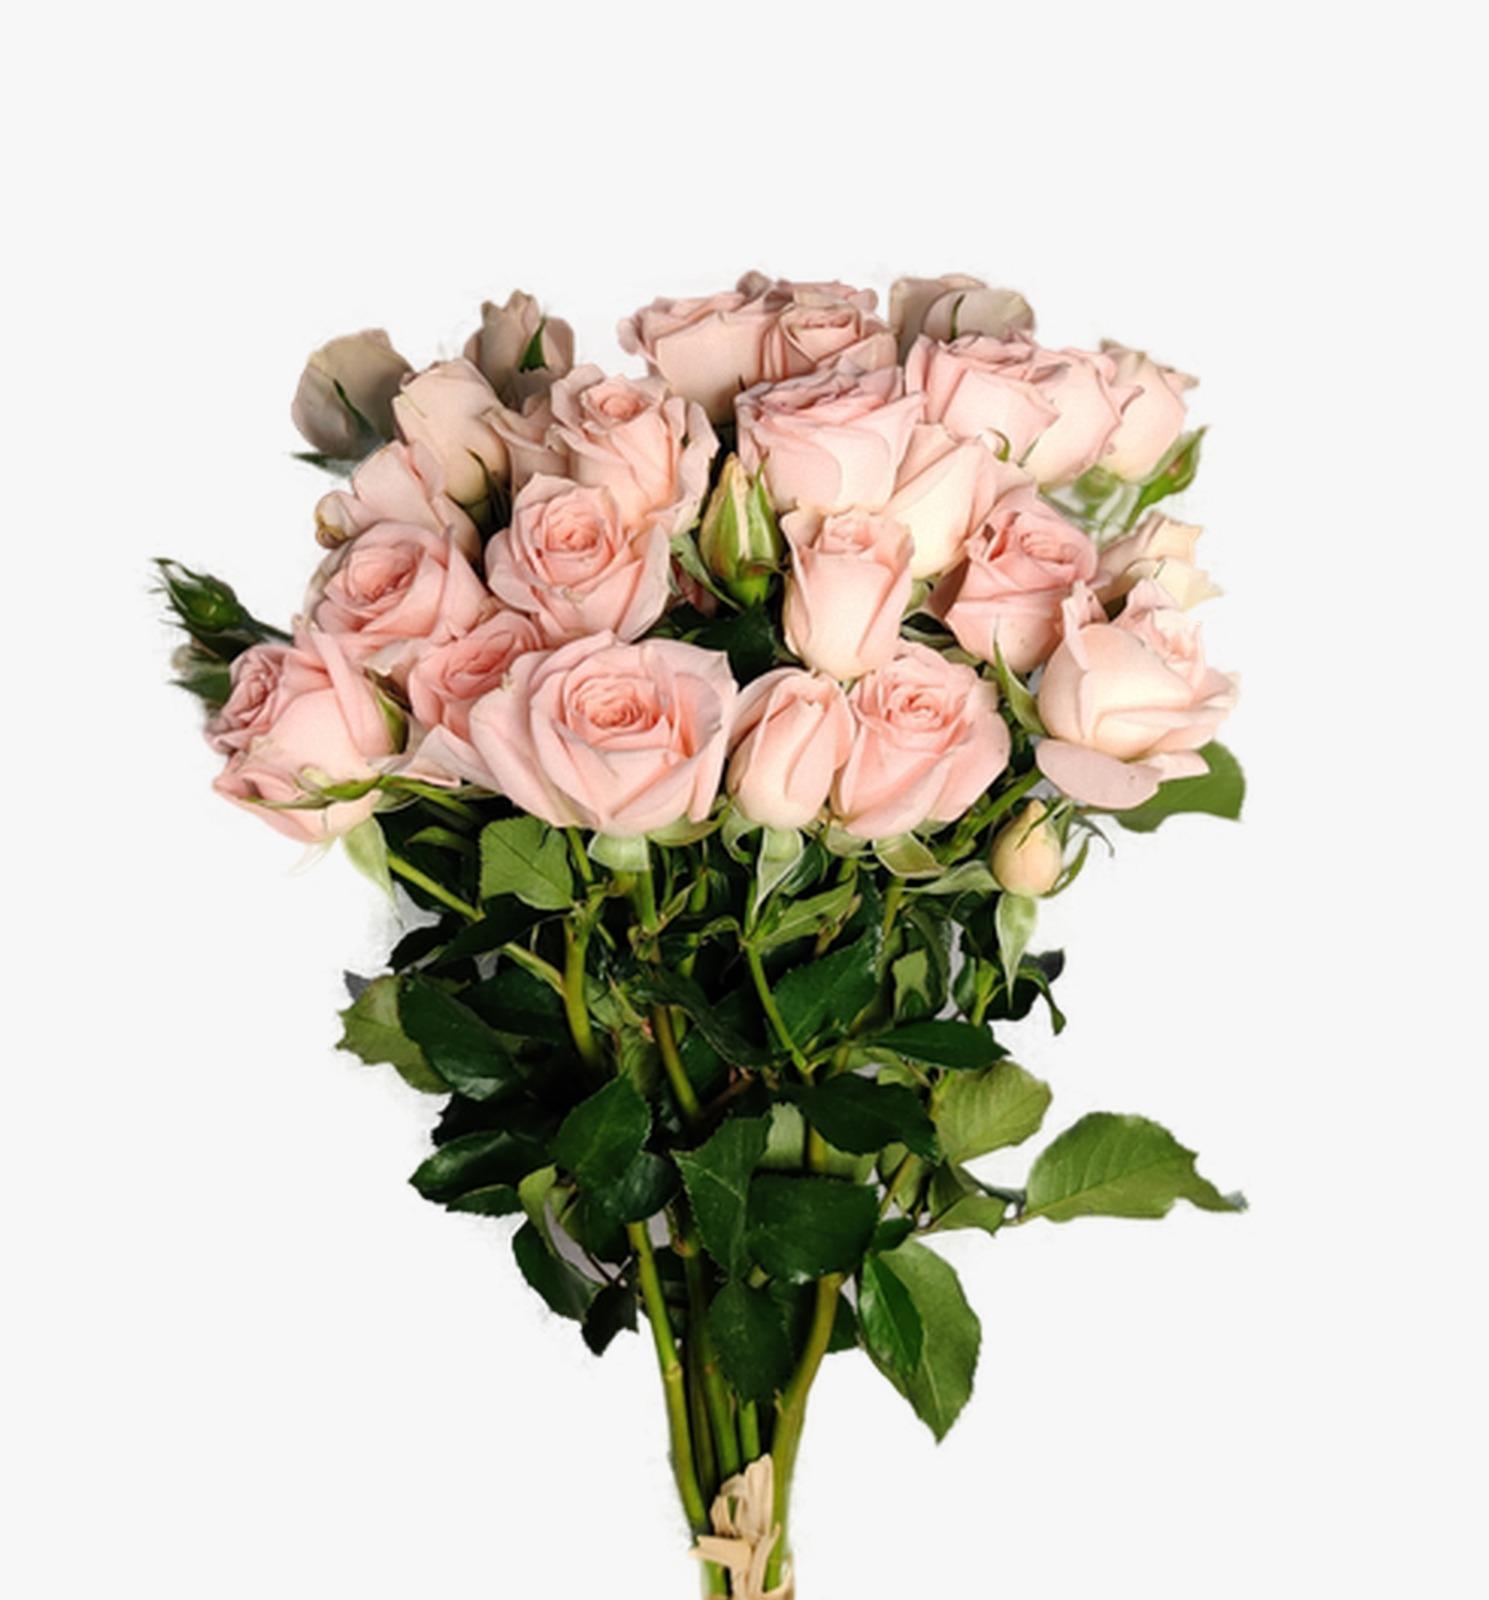 بيبي روز سويت سارا  الزهور بالجملة